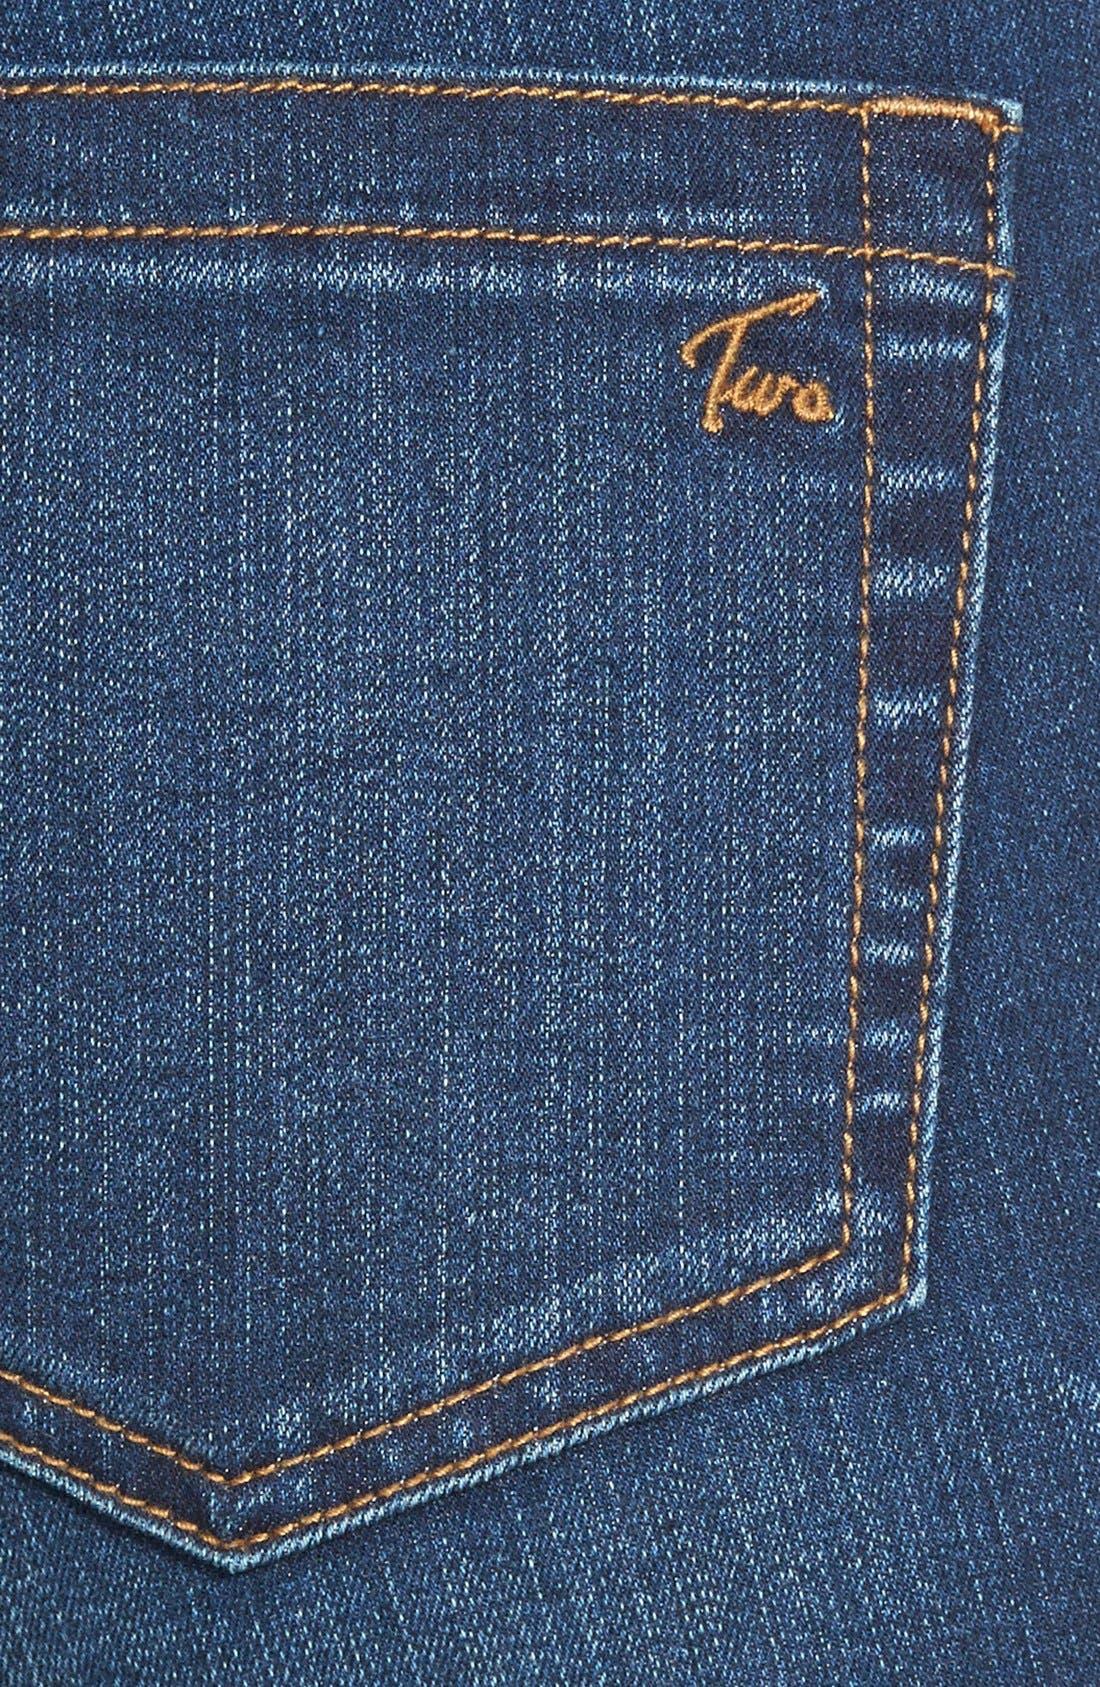 Stretch Boyfriend Jeans,                             Alternate thumbnail 3, color,                             Authentic